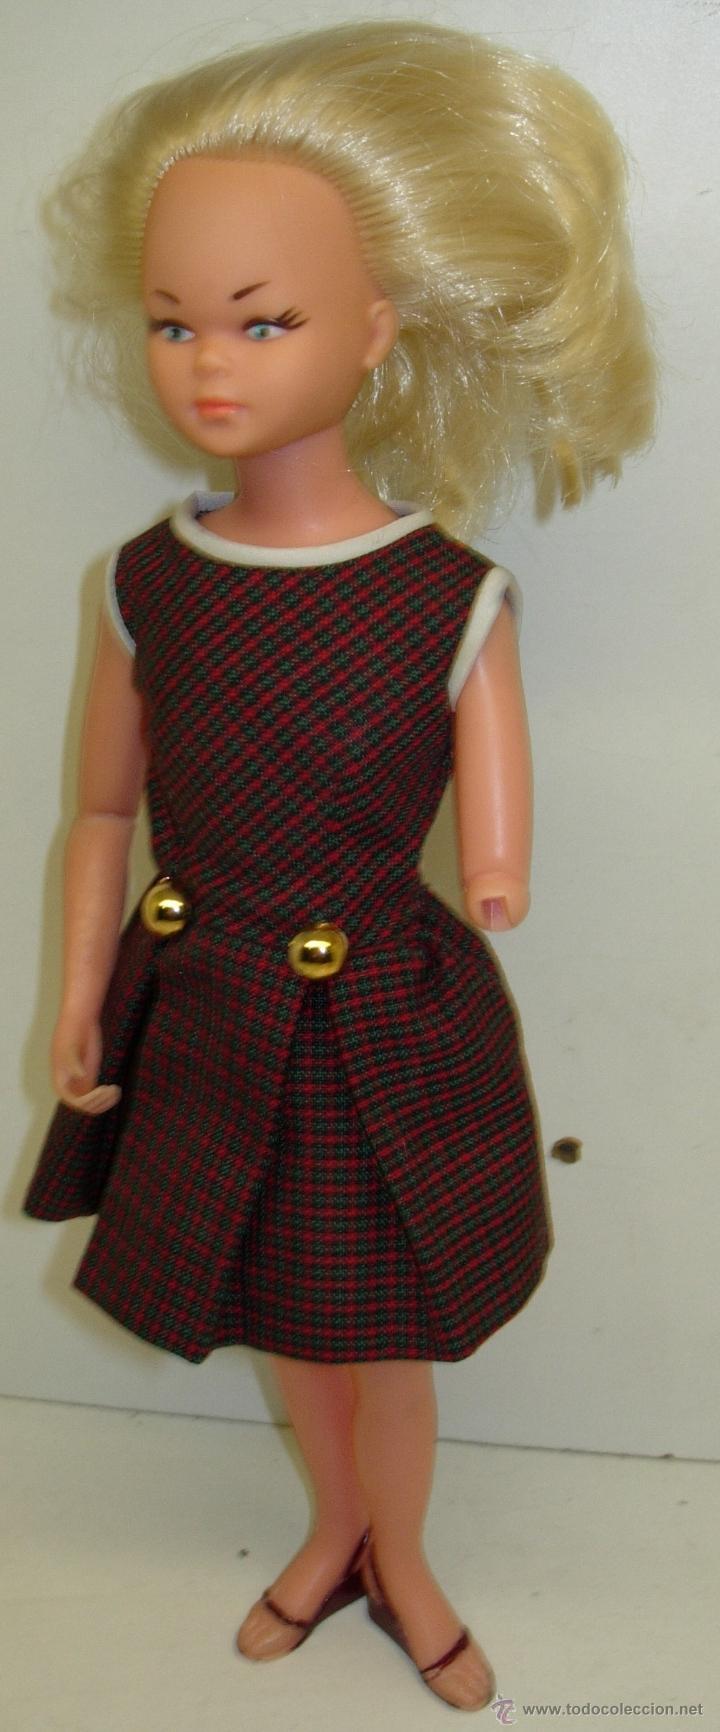 Muñecas Españolas Modernas: Muñeca LAURA MANIQUI BOUTIQUE de Novo-Gama Novogama años 60 con caja y patrones - Foto 5 - 195337032